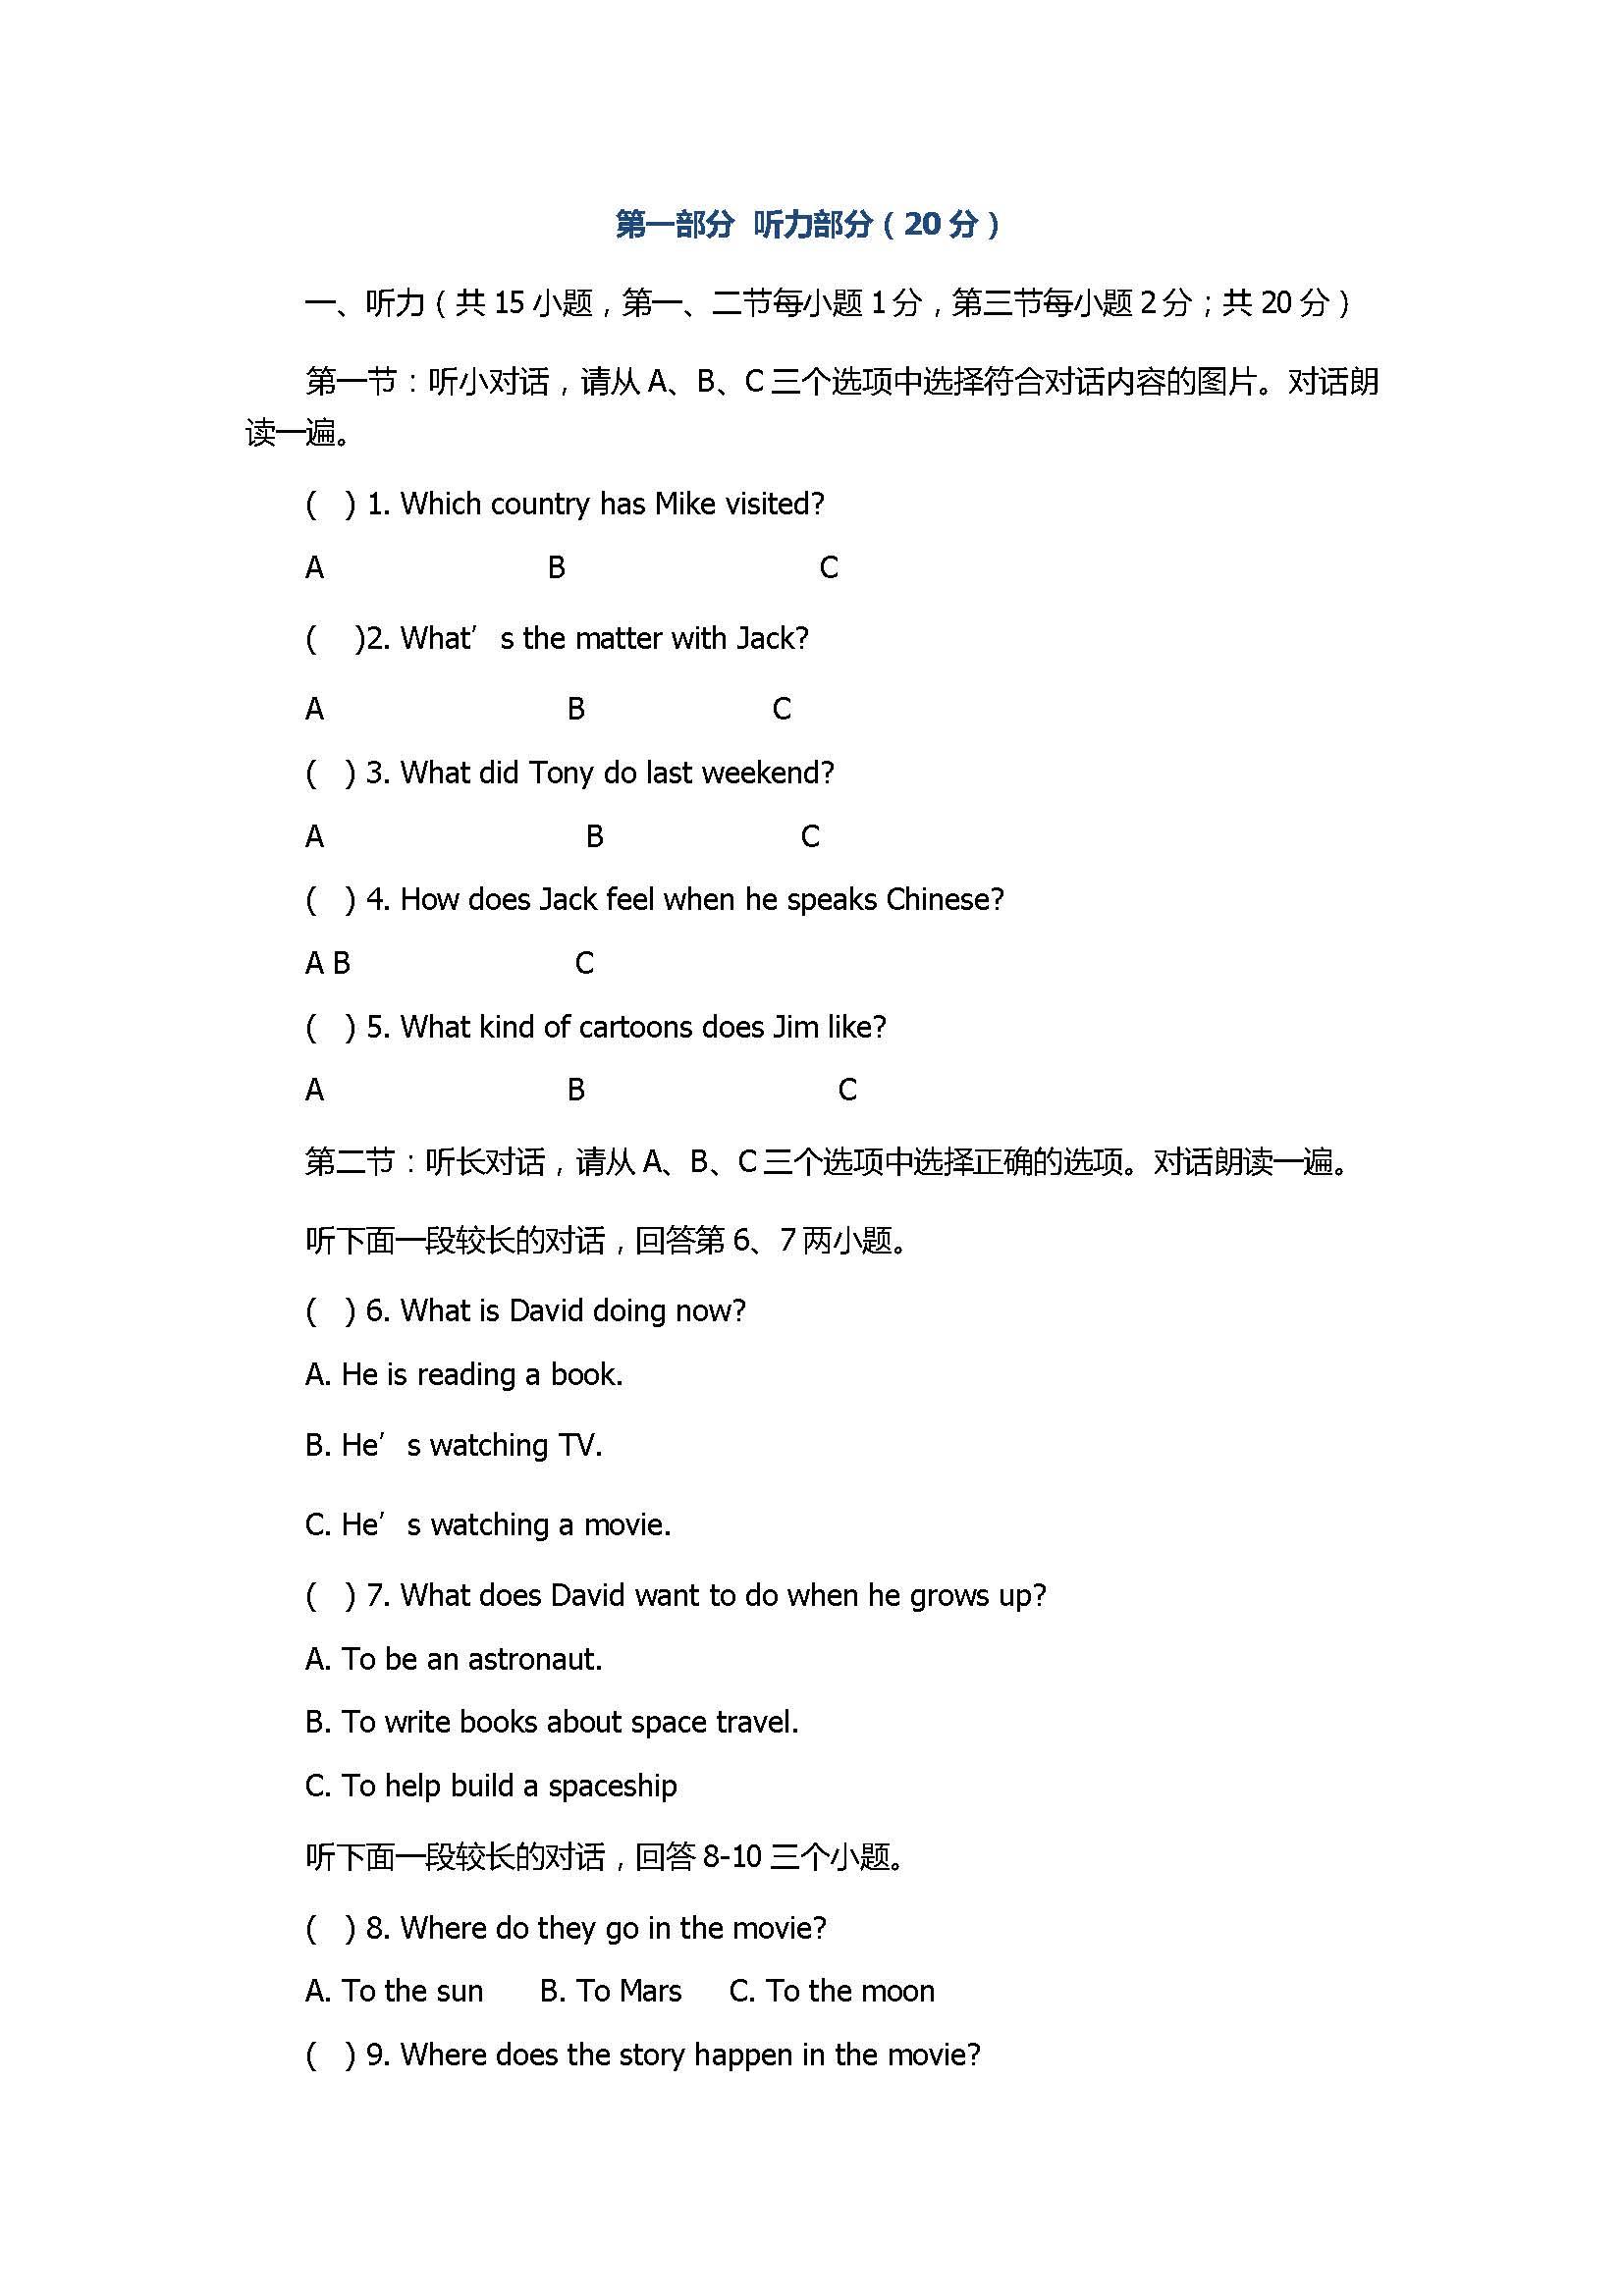 2017八年级英语下册期中联考测试题含参考答案(台州市洞头县)